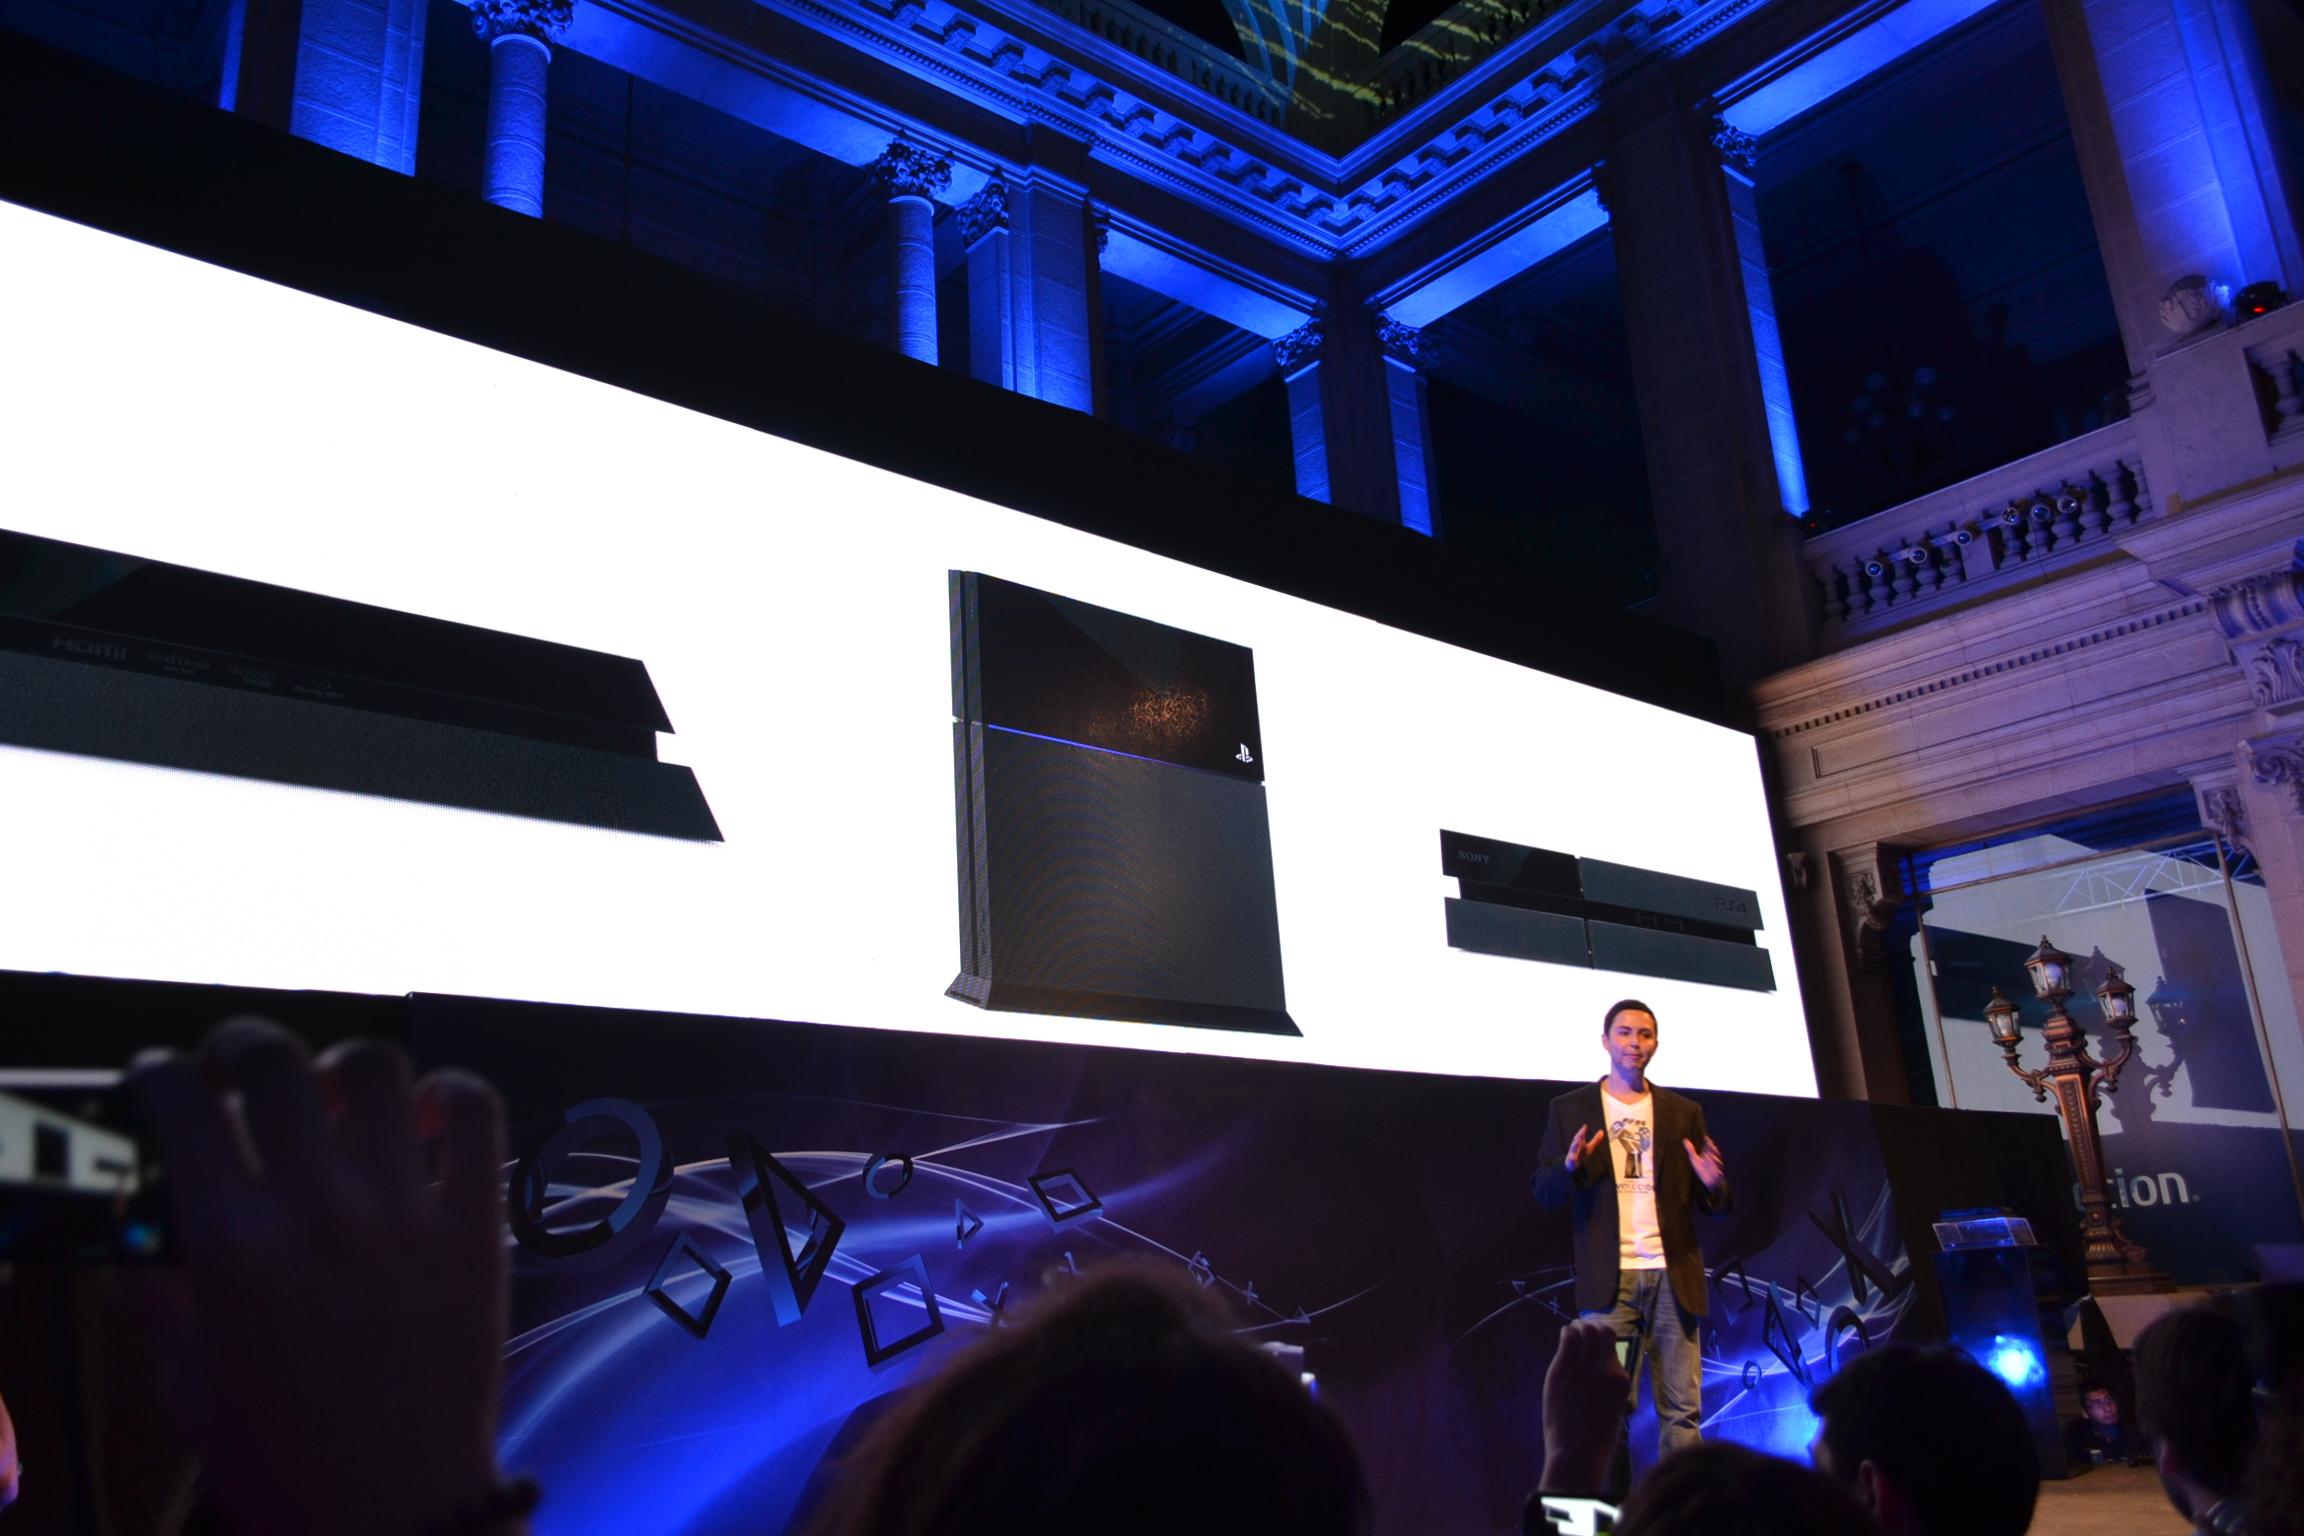 Reporte: esto fue el lanzamiento de Playstation 4 en Chile [Fotos y Videos]